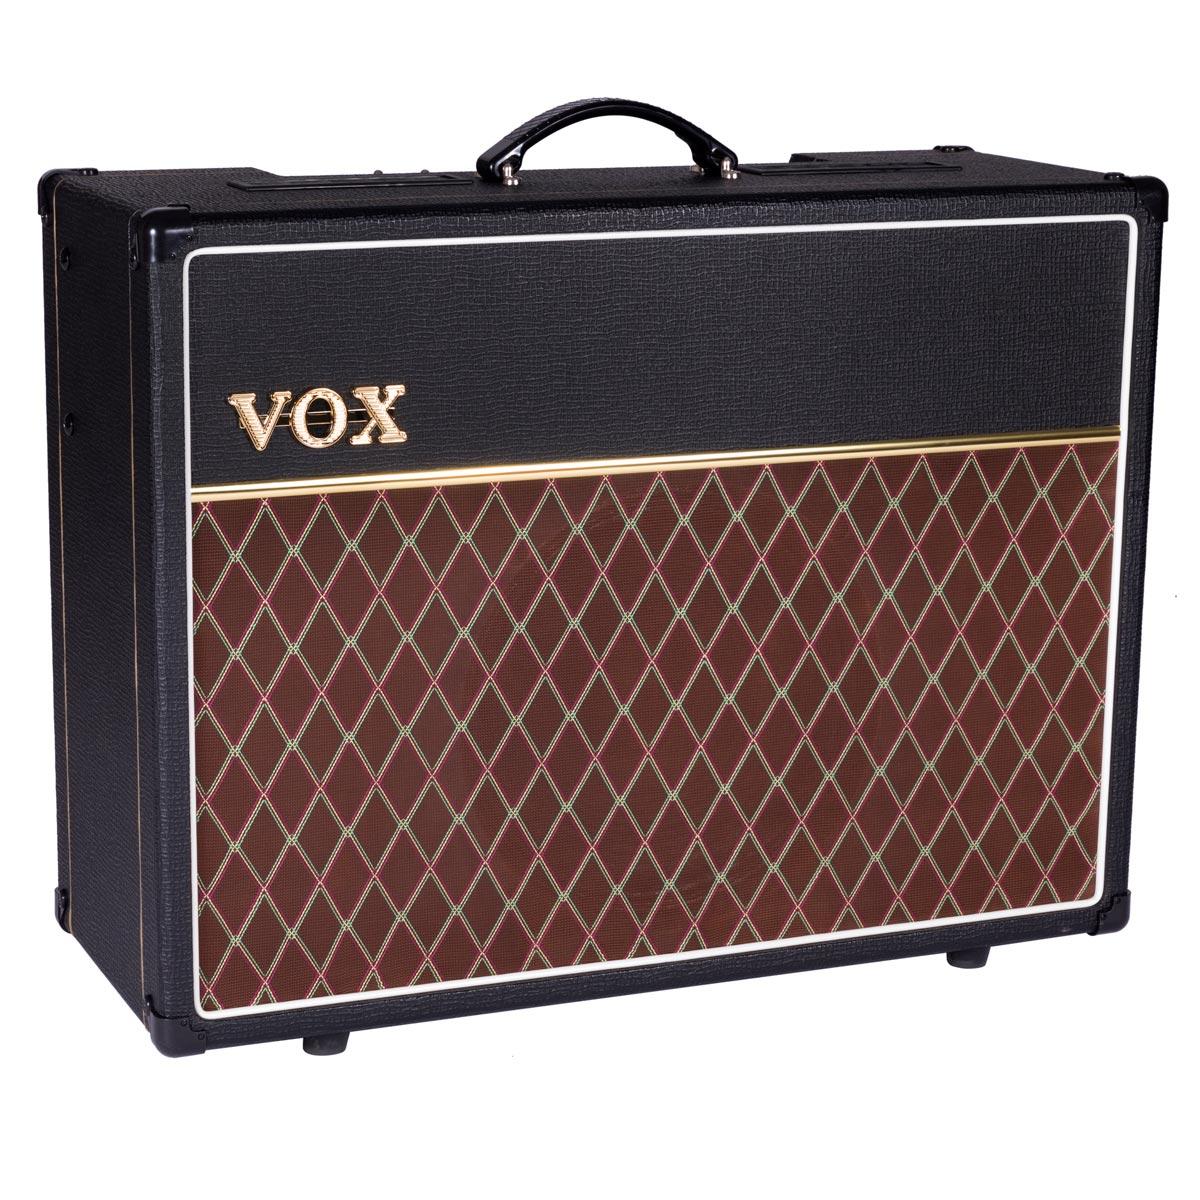 VOX / AC30S1 [ギターアンプ] 【渋谷店】